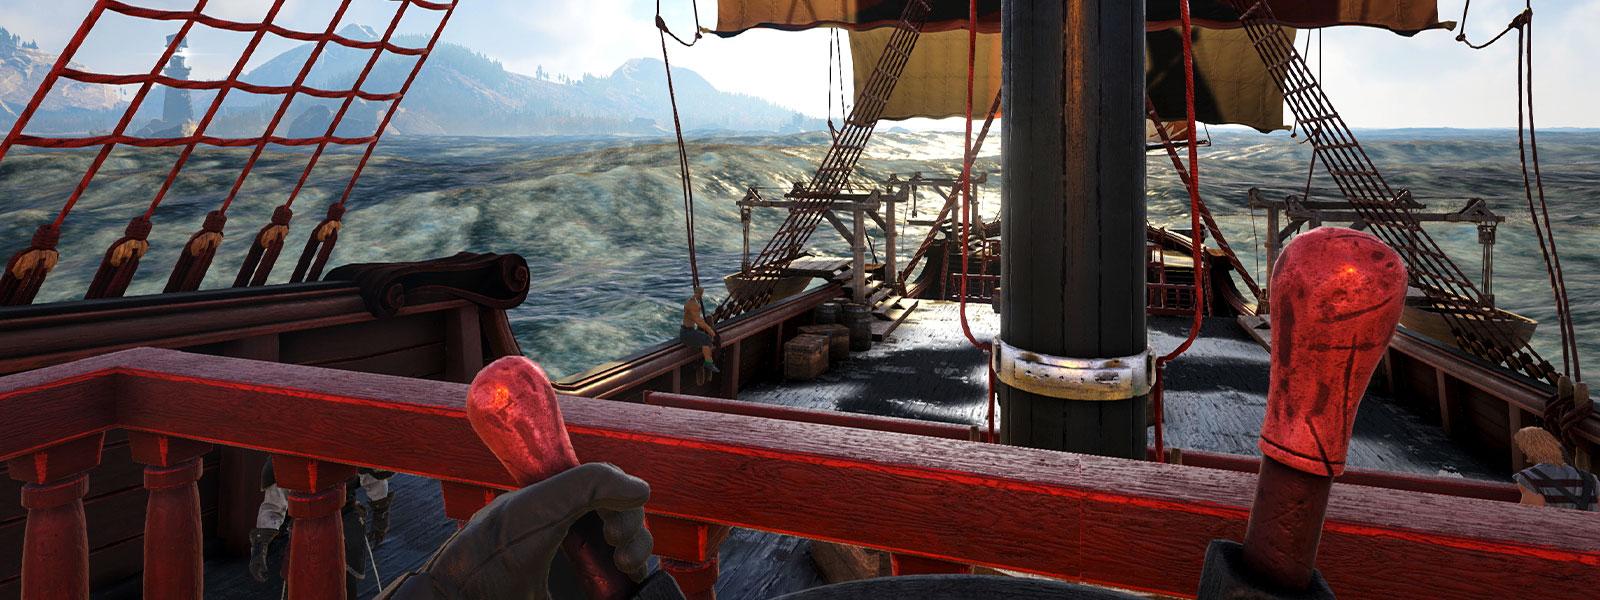 從船陀看向大海的畫面